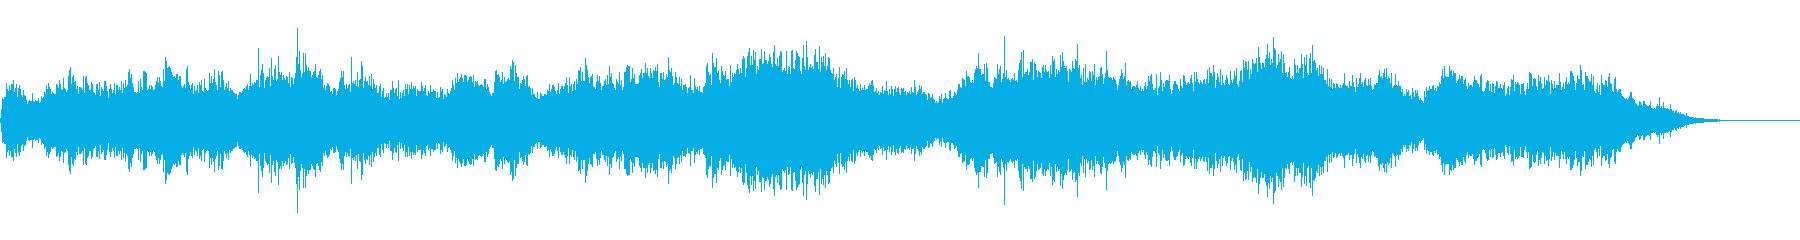 幽鬼や悪魔の潜む混沌とした恐怖の音風景の再生済みの波形